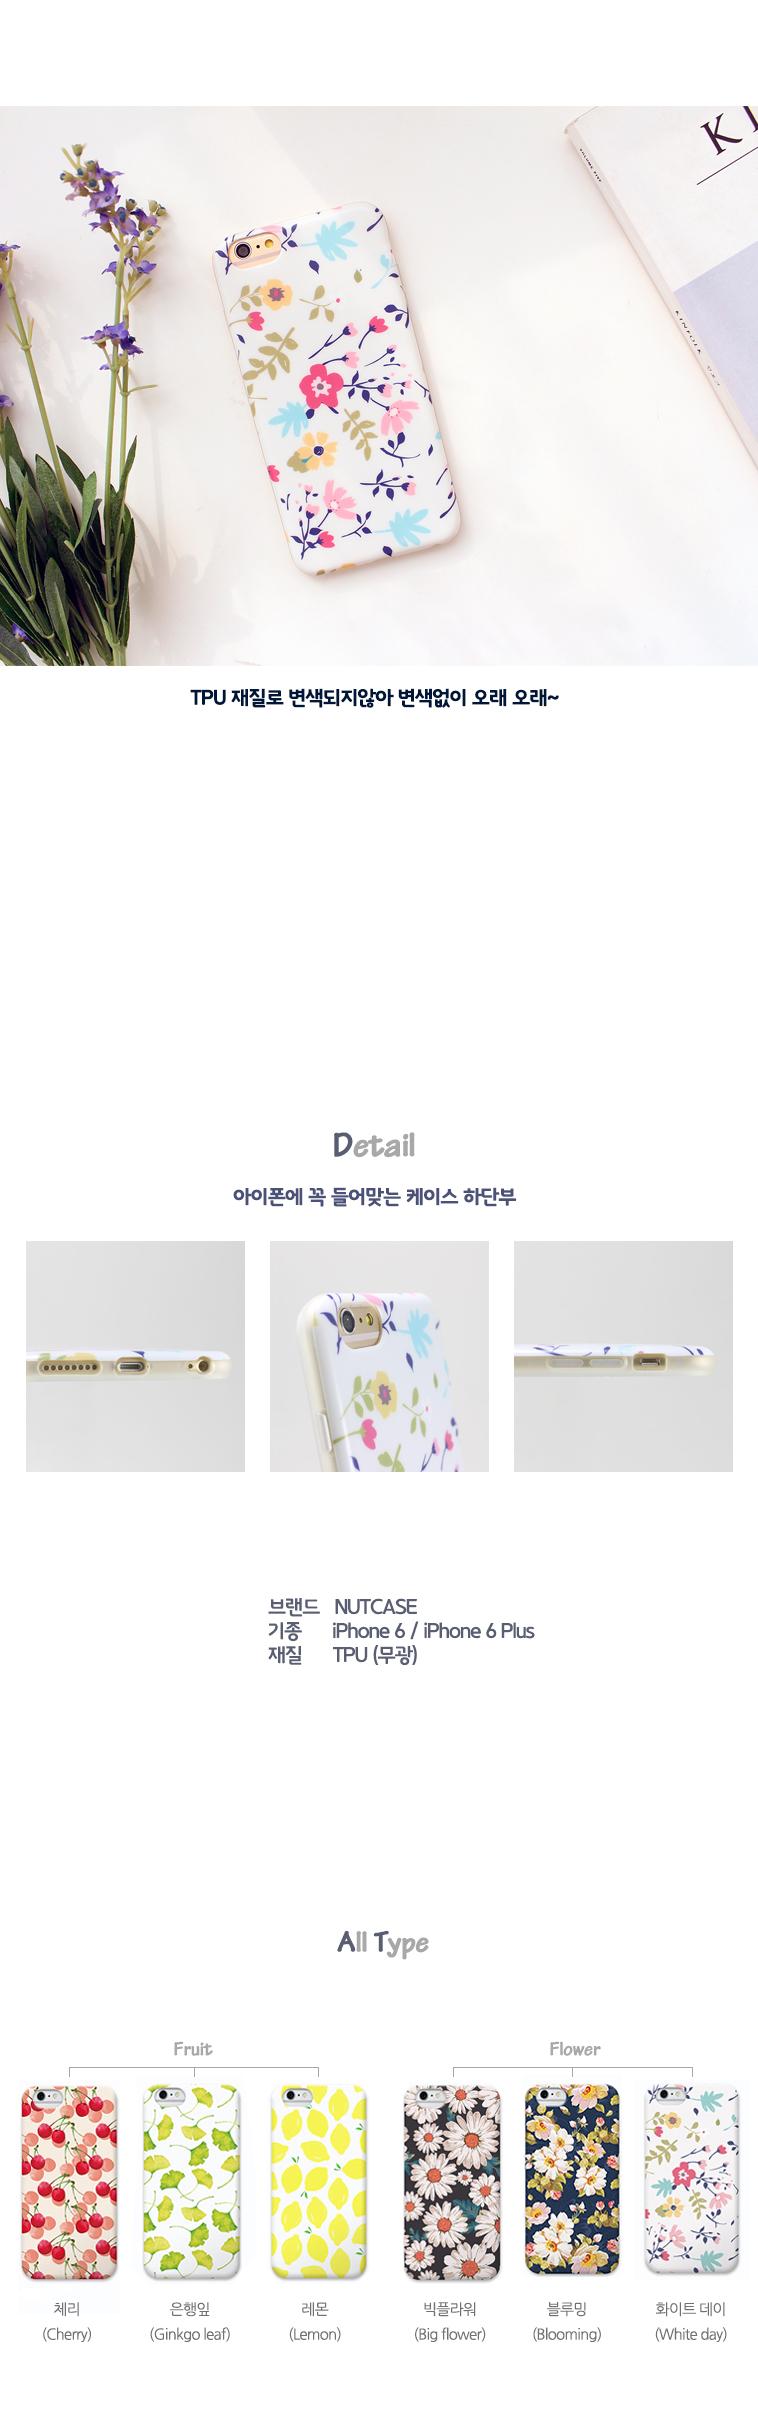 [ BISKET ] iPhone6/6+ FlowerCaseWhiteDay